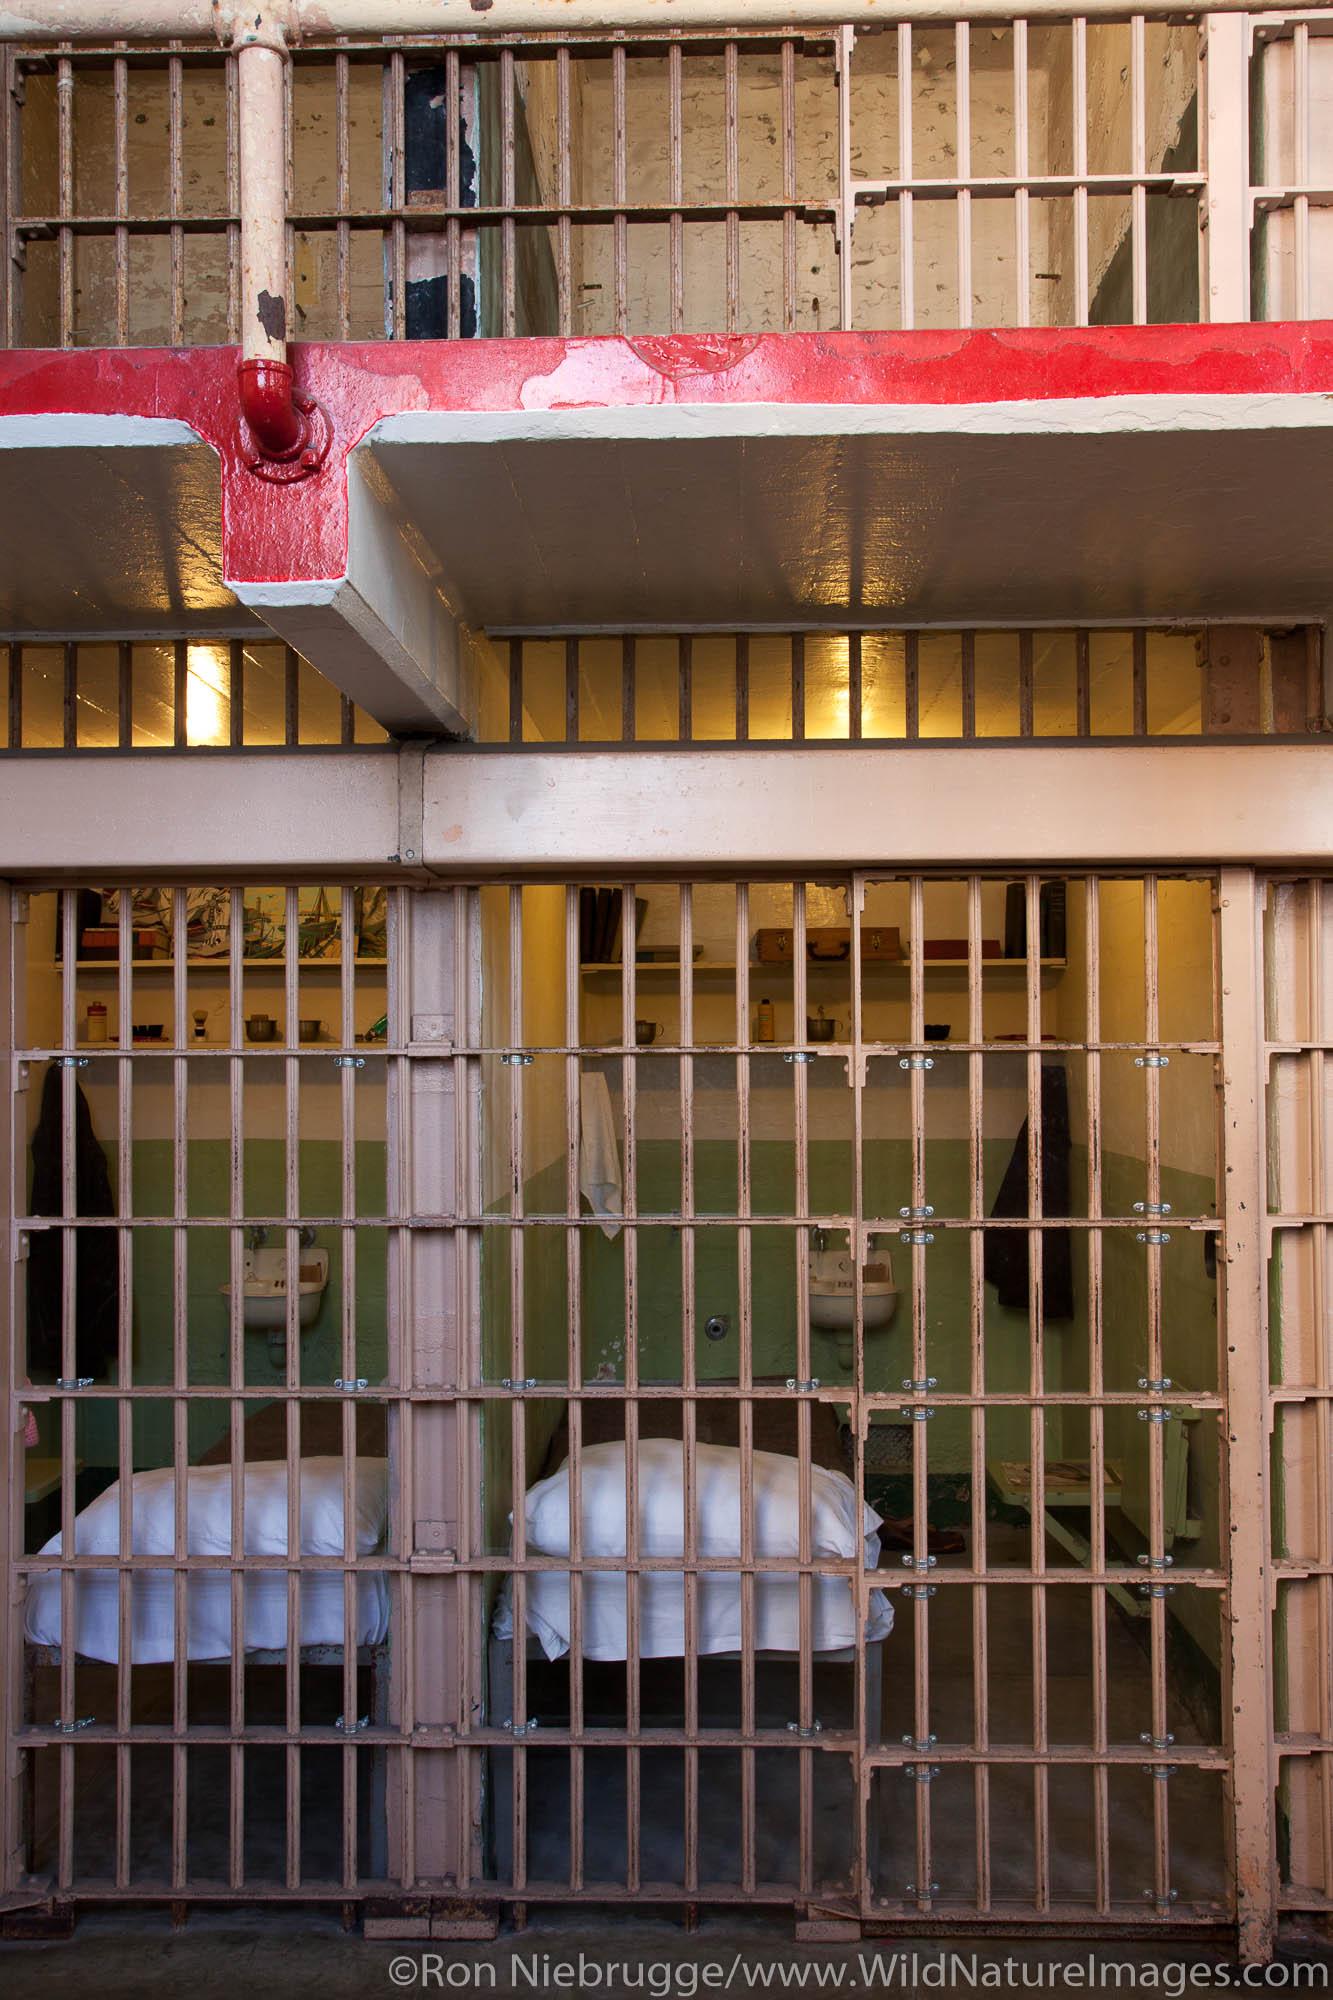 Inside cellhouse at Alcatraz, San Francisco, CA